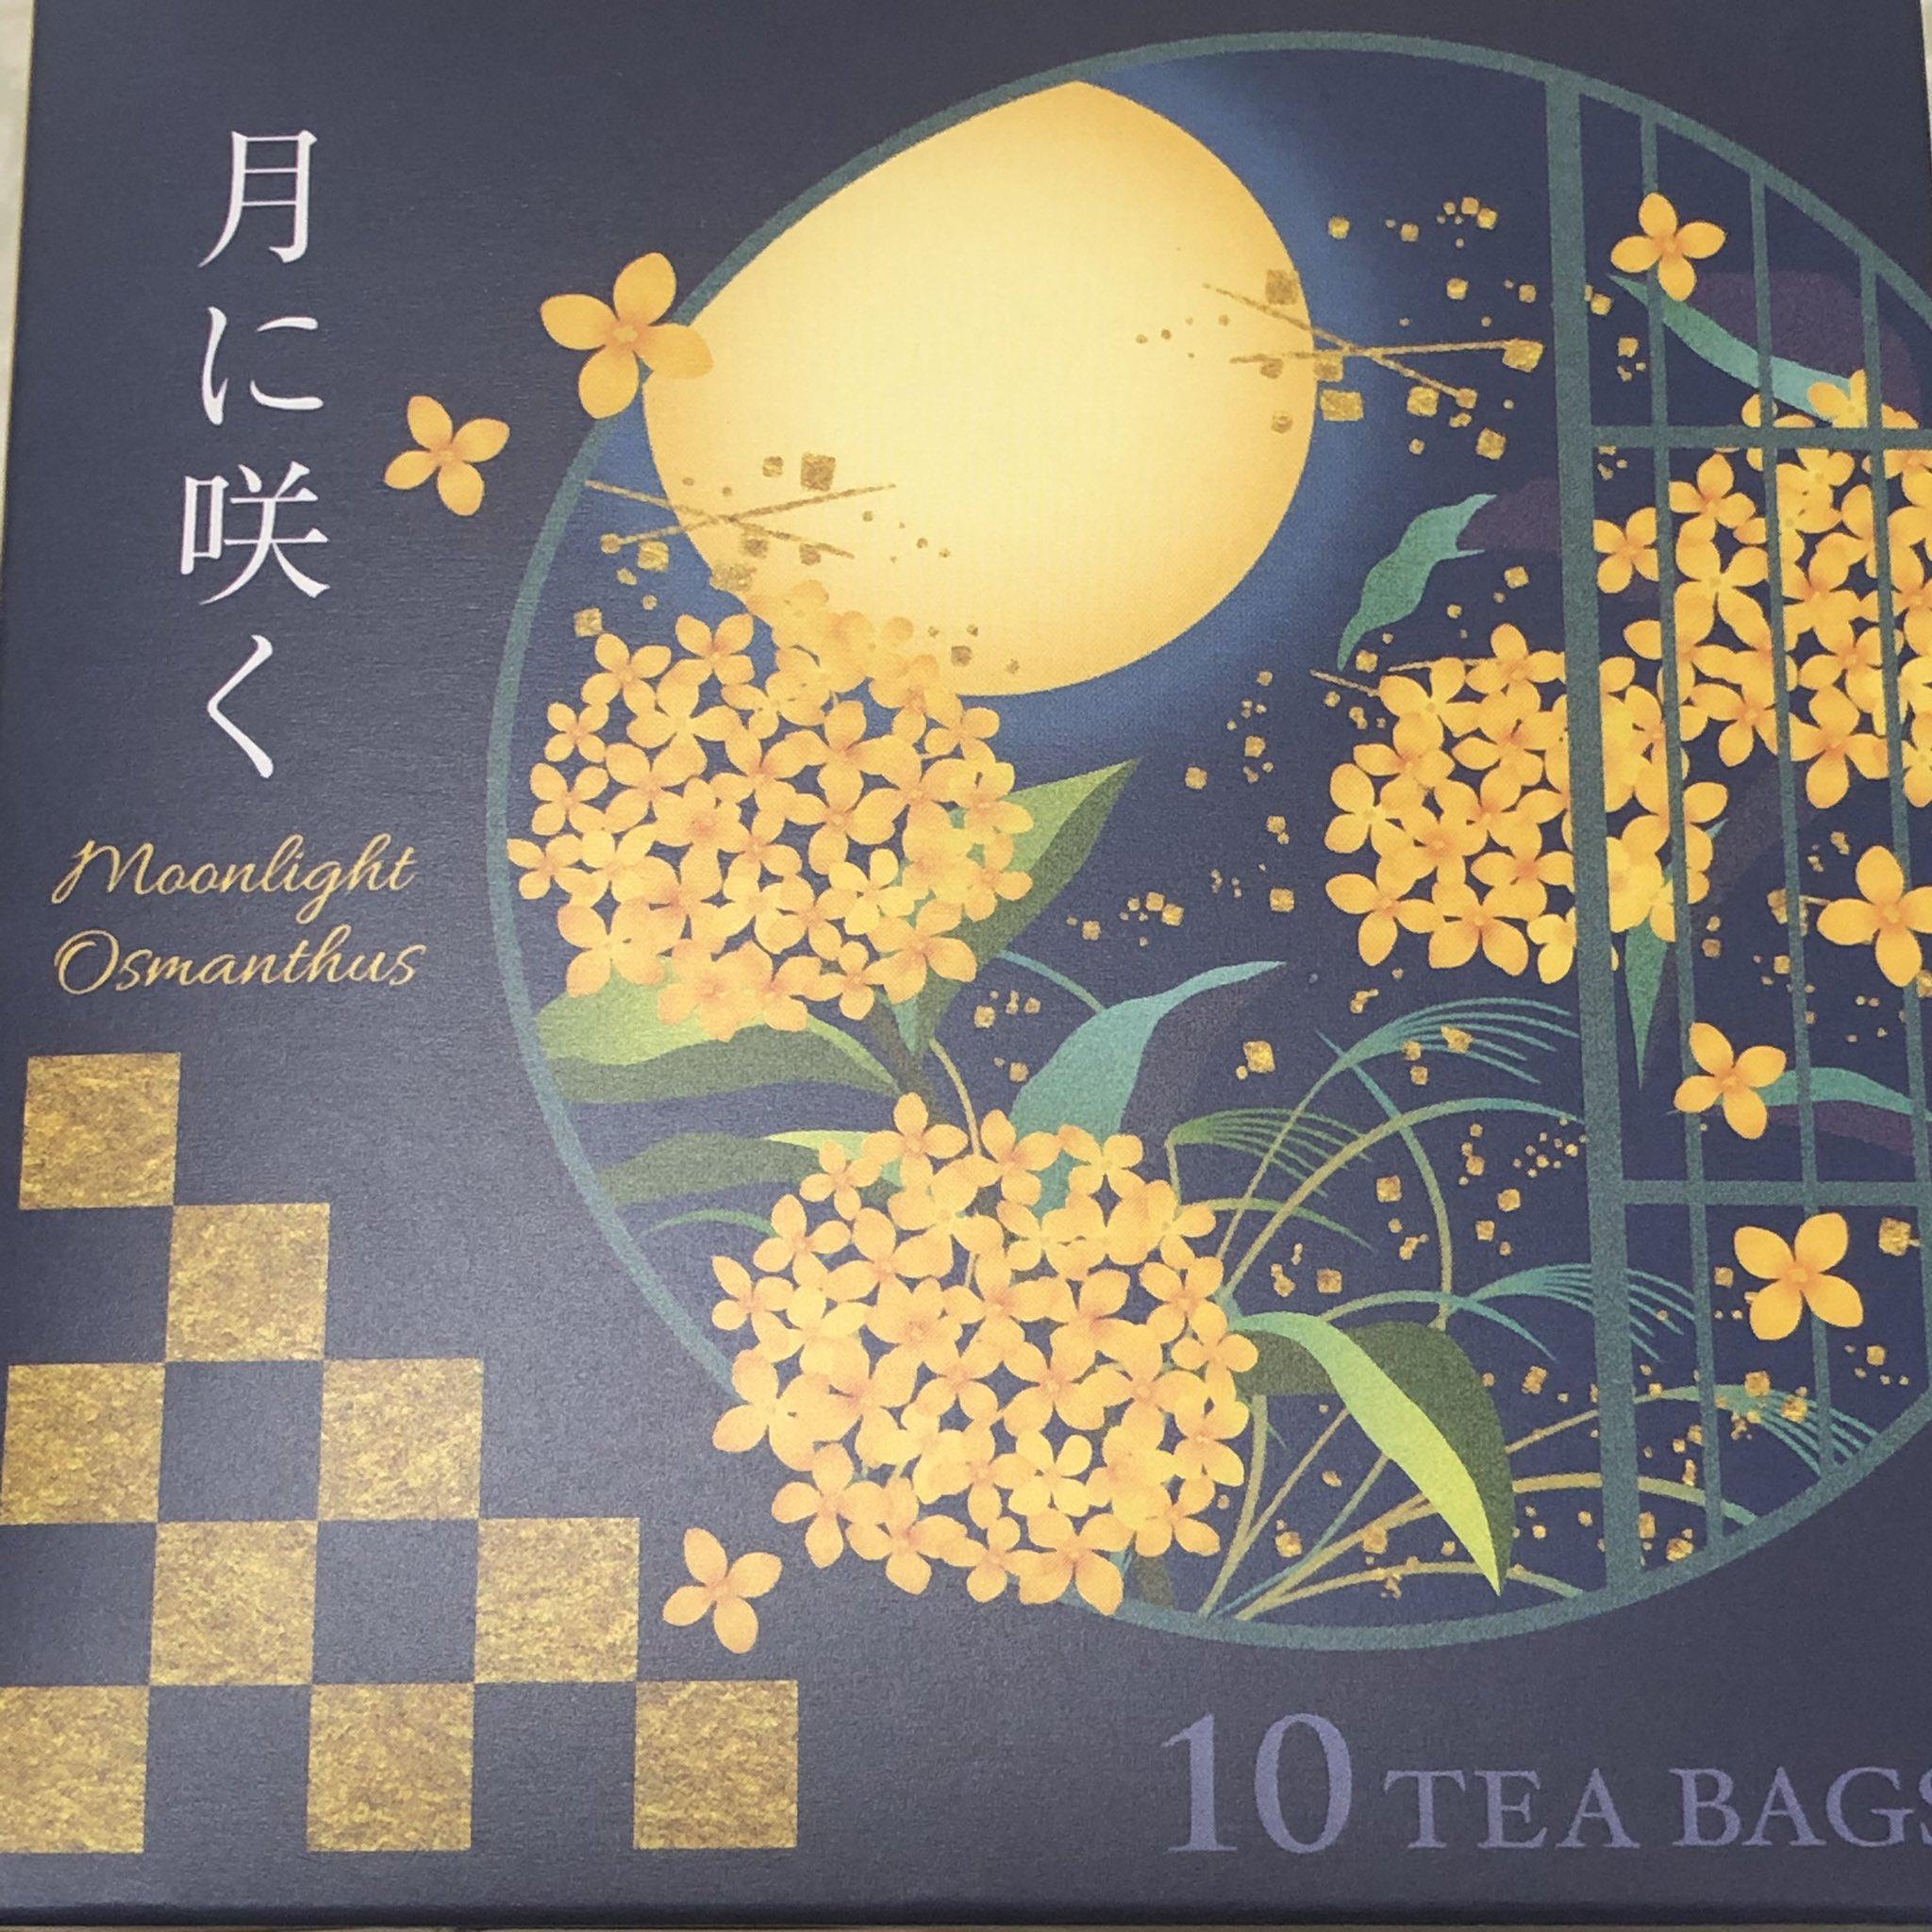 みーんなー!!ルピシアしっとる!?美味しいしめちゃくちゃ種類のあるお茶屋なんだけど、そこから出てる秋限定の、 『月に咲く』 めちゃくちゃ美味しいし刺さる人は色んなところに刺さるからのんで!!パケかわいいし、金木犀たっぷりでふんわり甘い香りなのー!!!飲んで!?!?